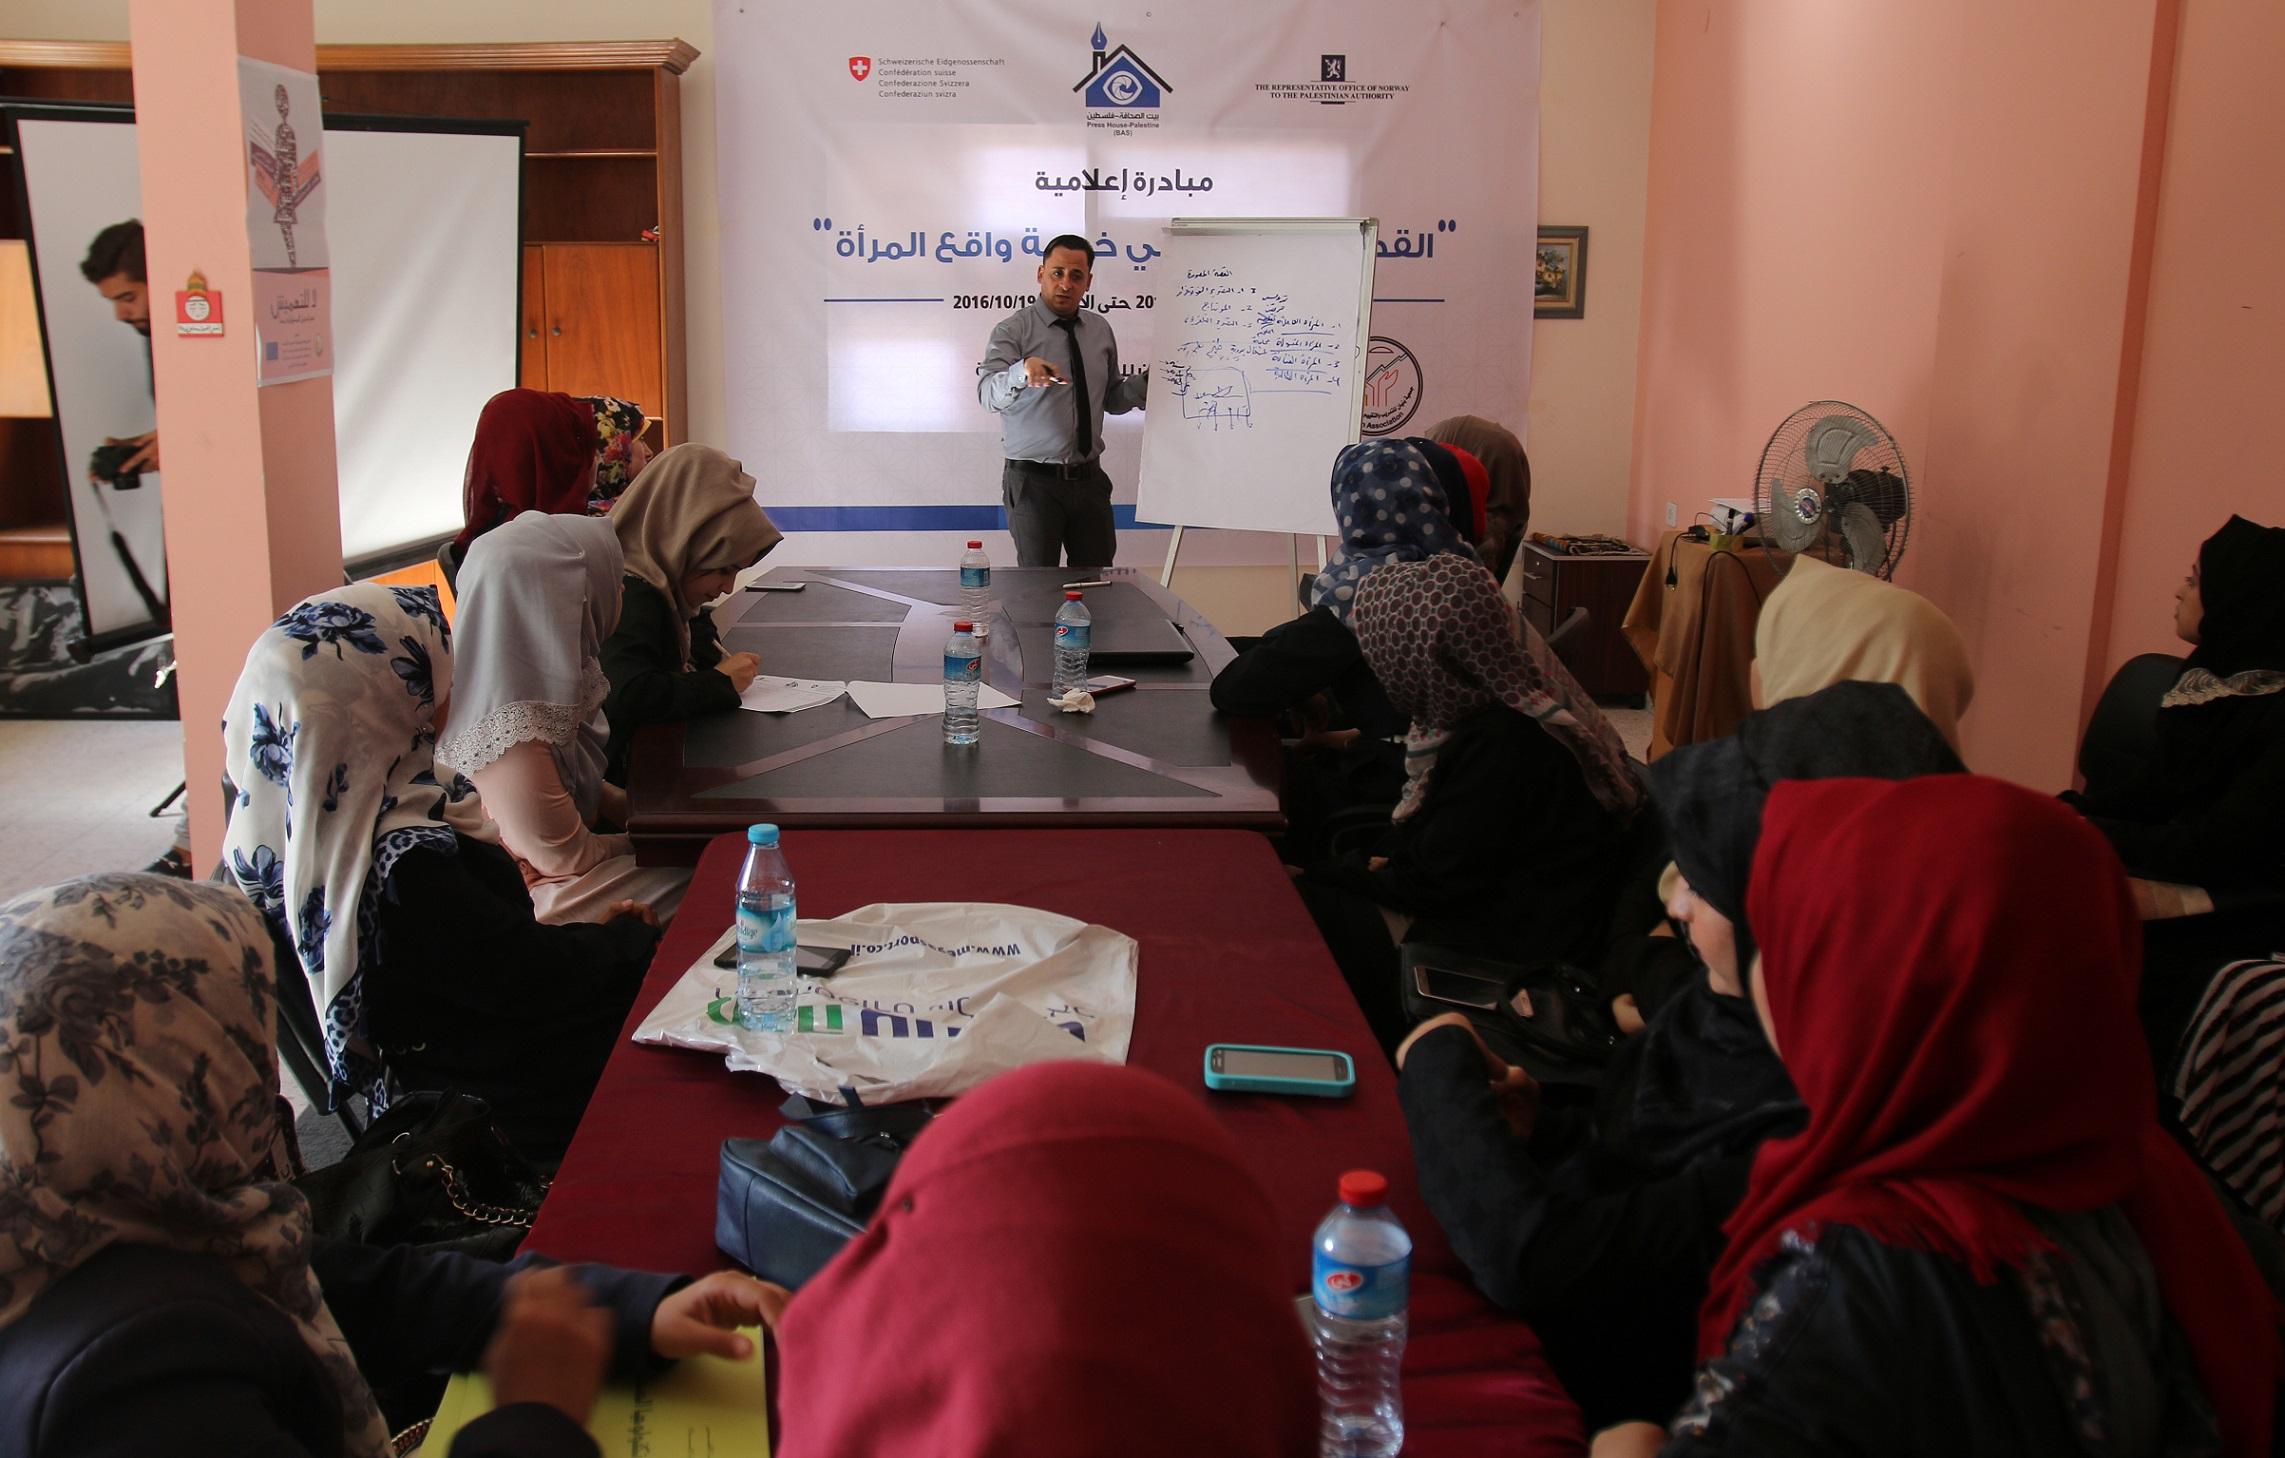 برعاية بيت الصحافة: جمعية بنيان للتنمية المجتمعية تختتم دورة تدريبية حول